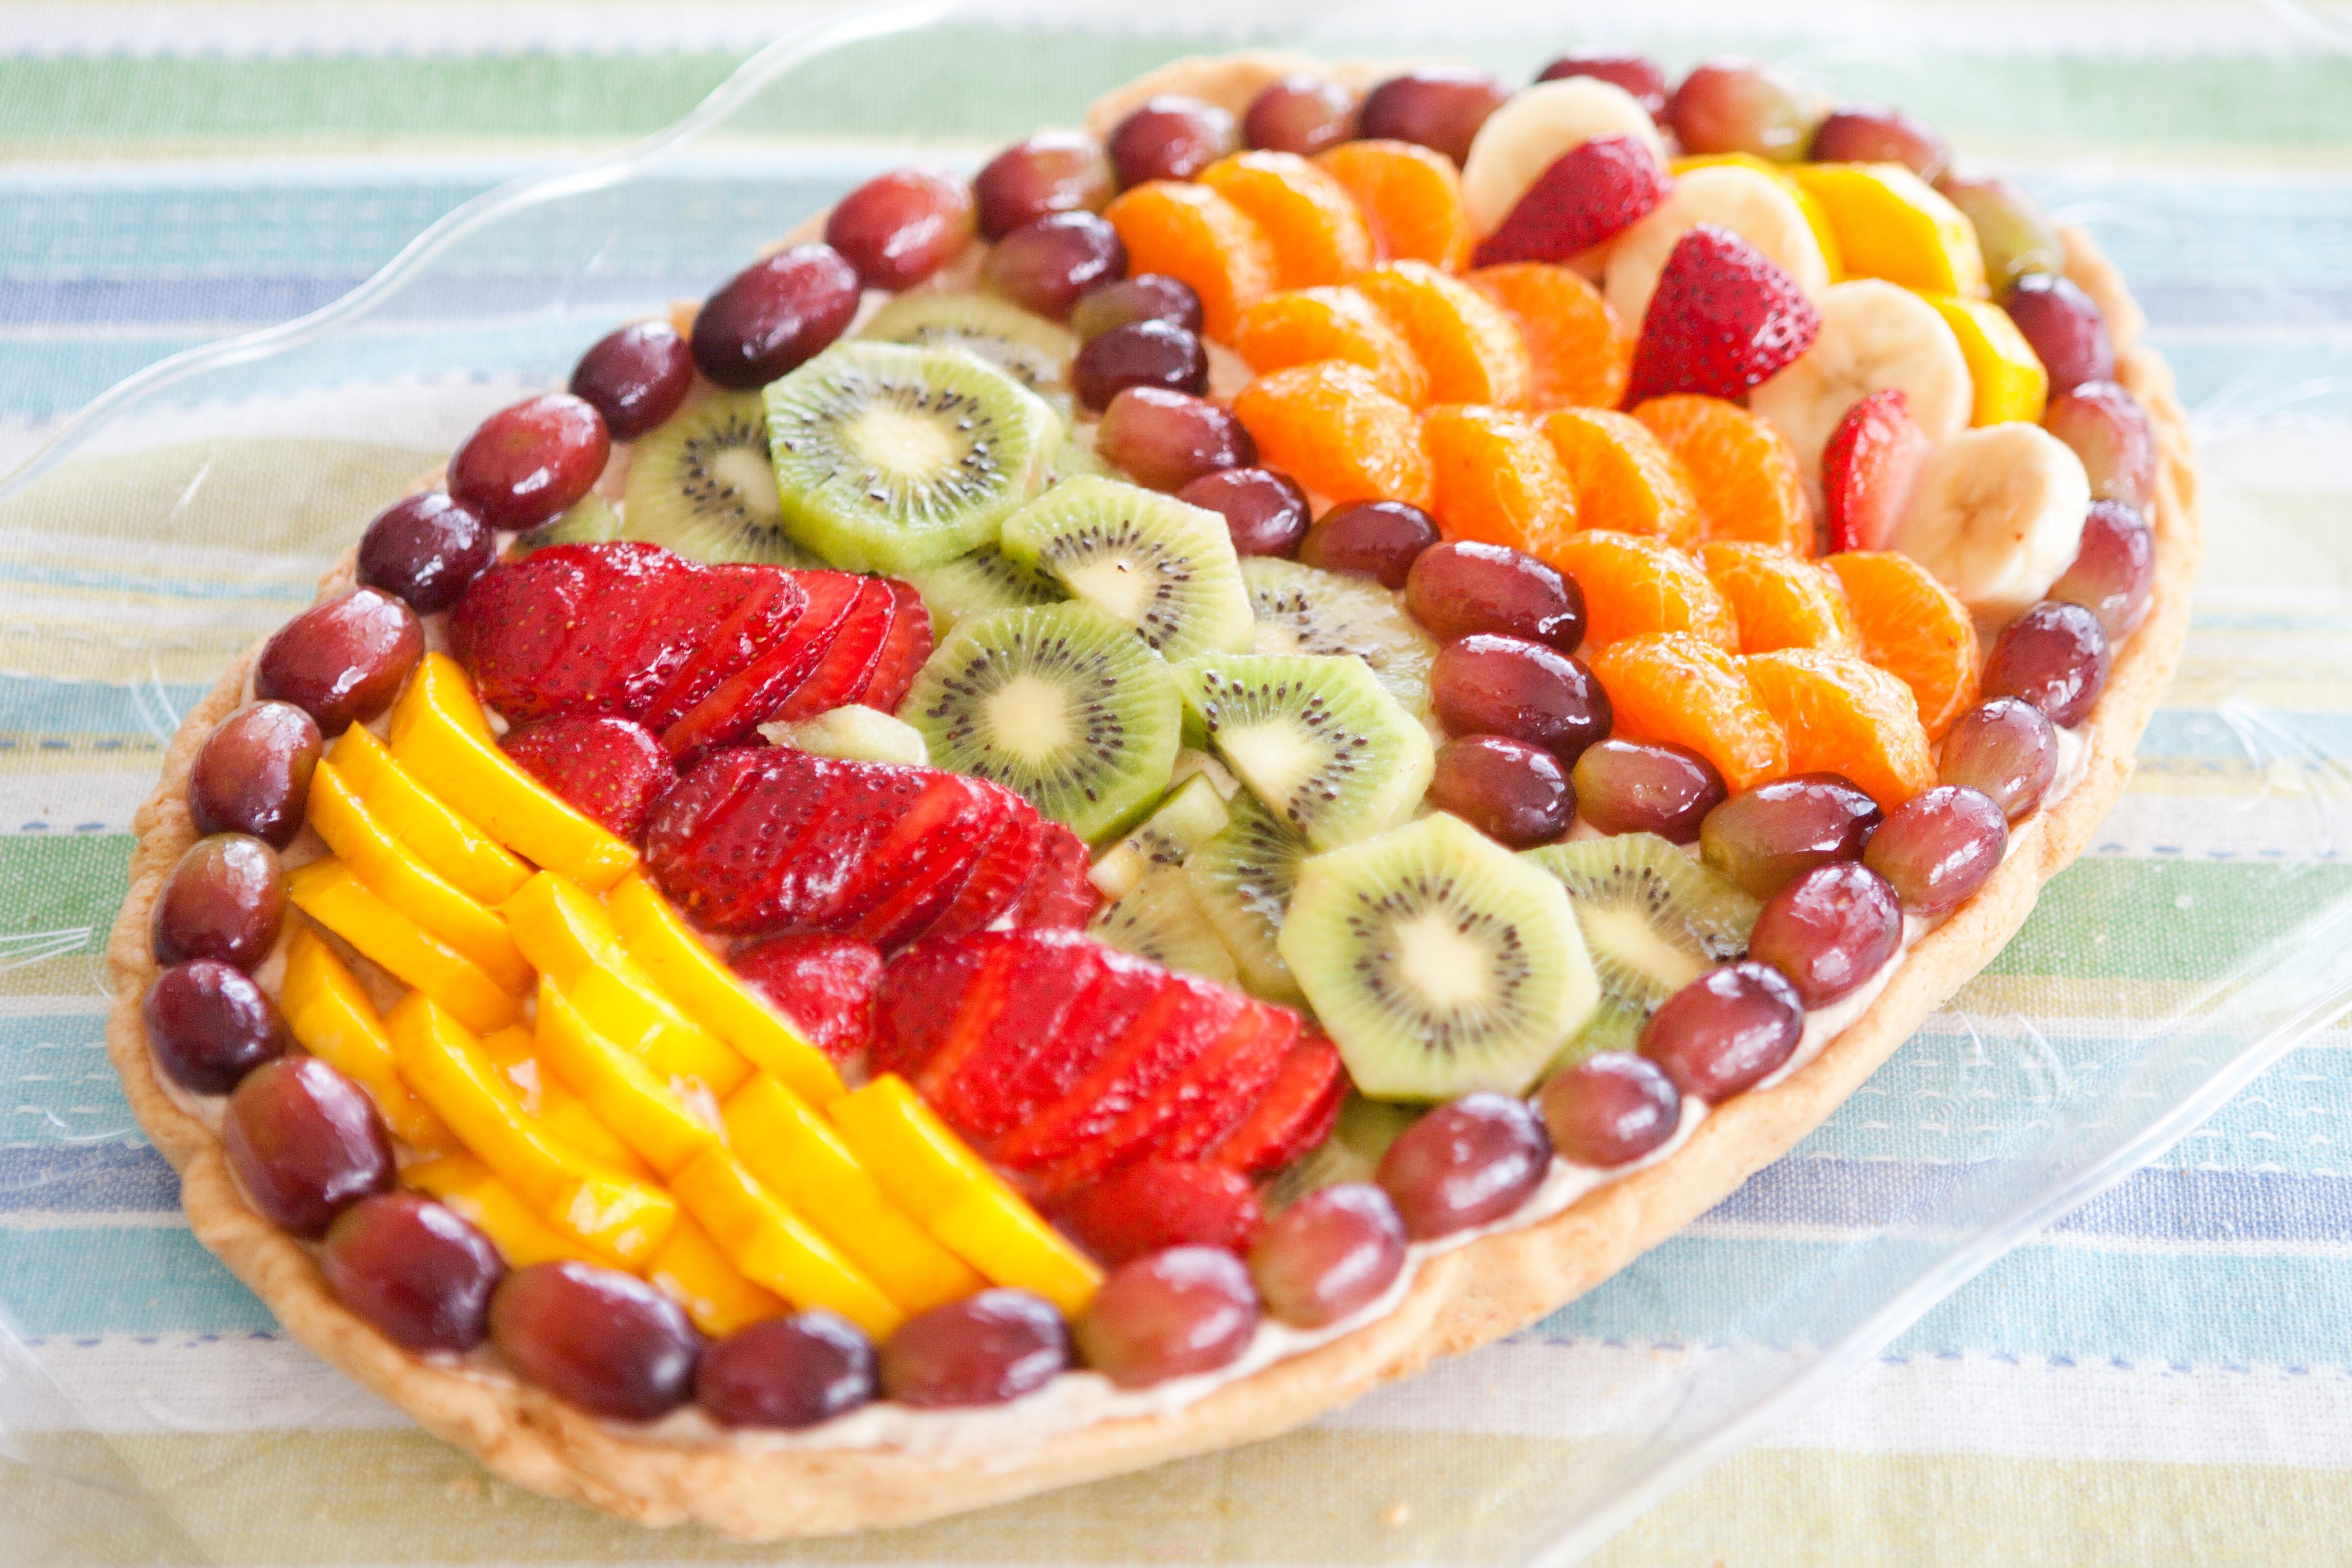 Easter-Egg-Dessert-Fruit-Pizza-via-teacher-chef-4446